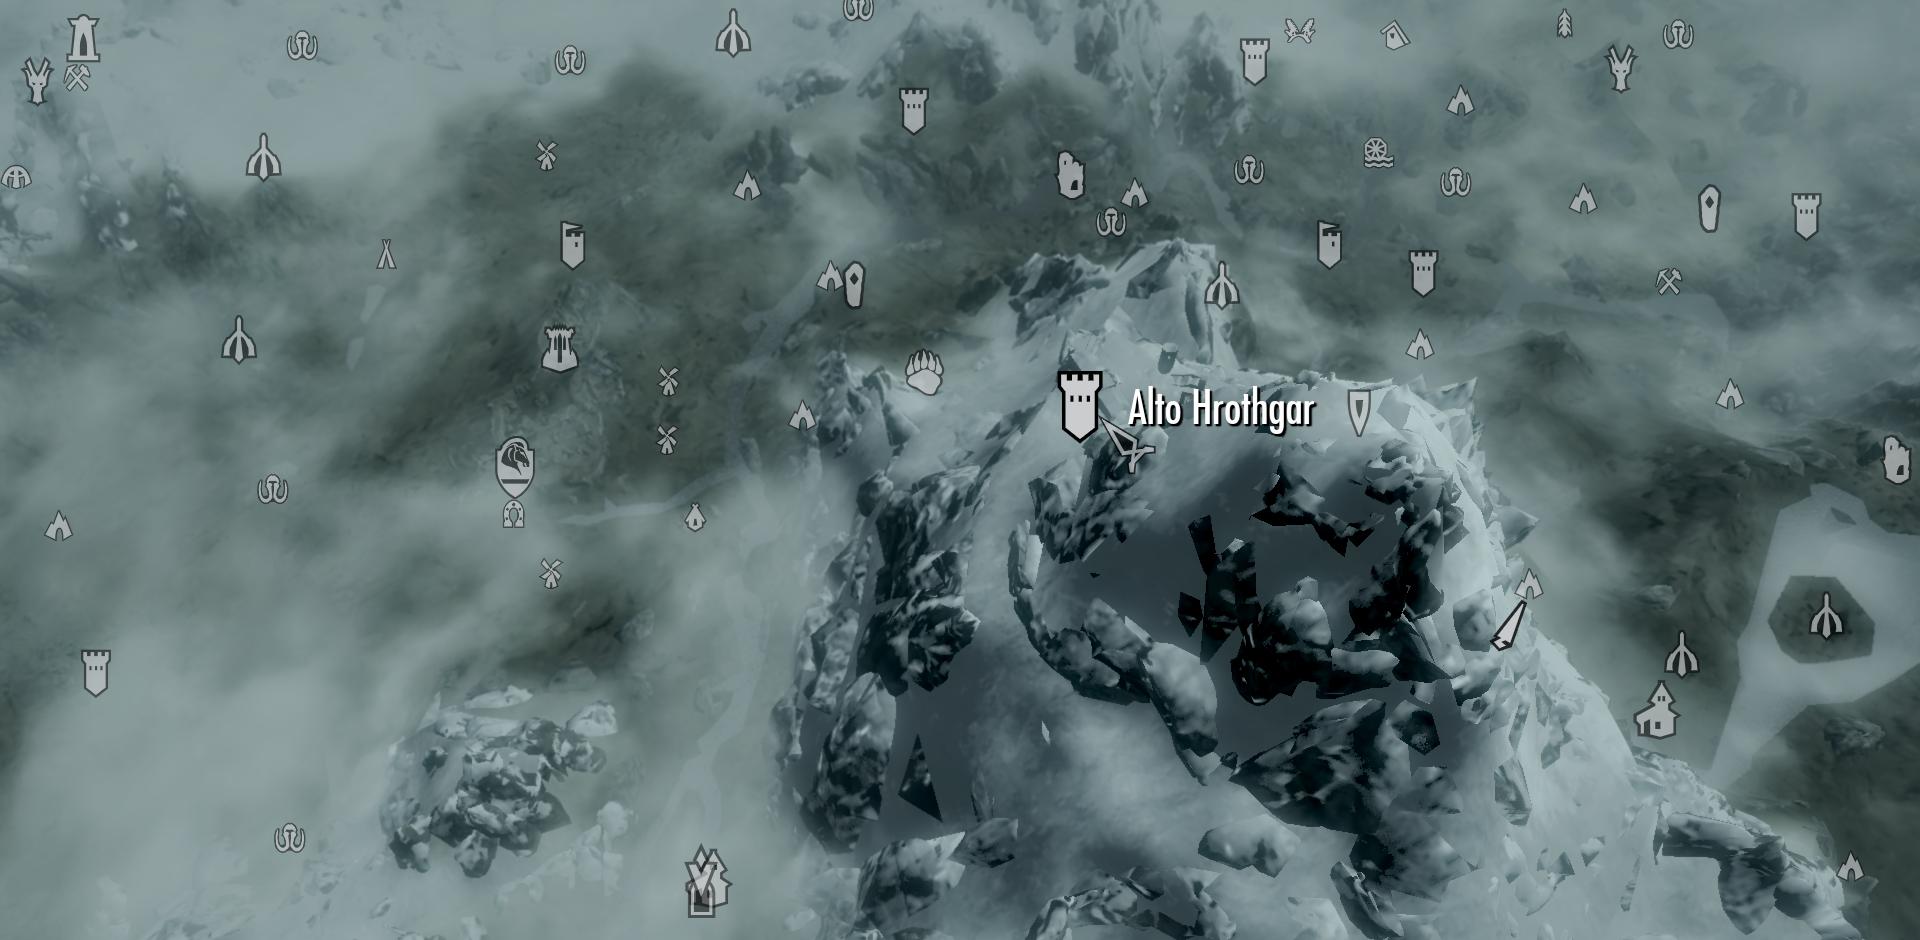 Alto Hrothgar (Skyrim)